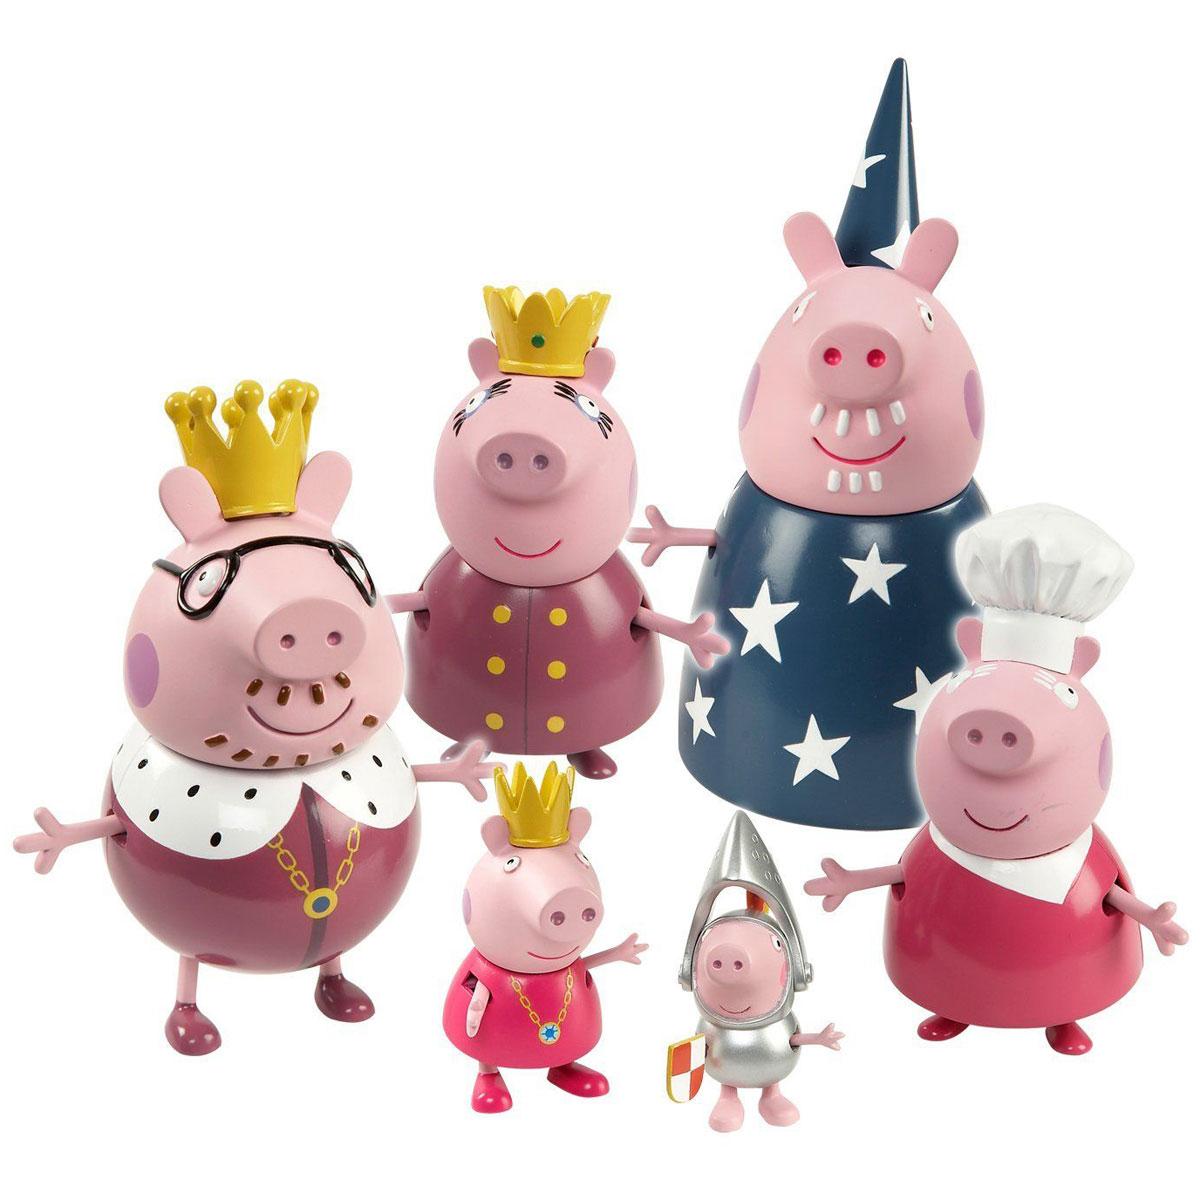 Peppa Pig Игровой набор Королевская семья Пеппы игровой набор peppa pig семья пеппы папа свин и джорж 2 предмета от 3 лет 20837